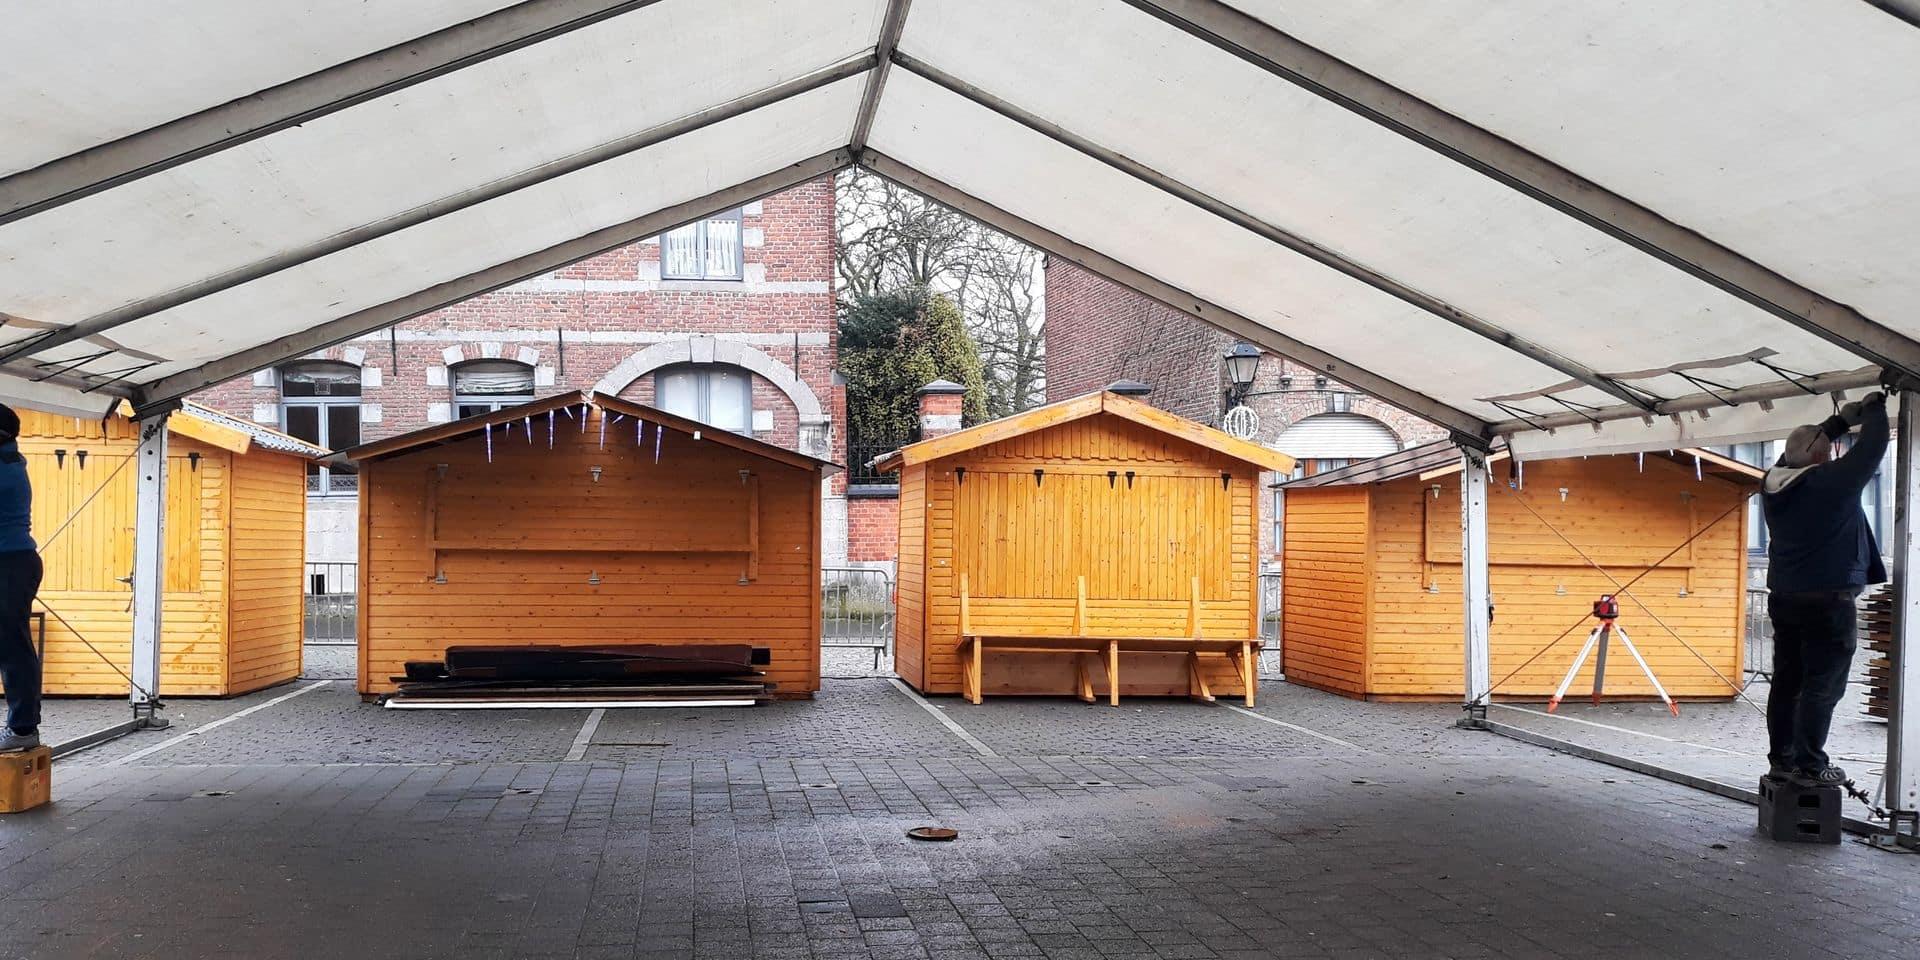 Le Roeulx: le marché de Noël s'équipe contre les intempéries